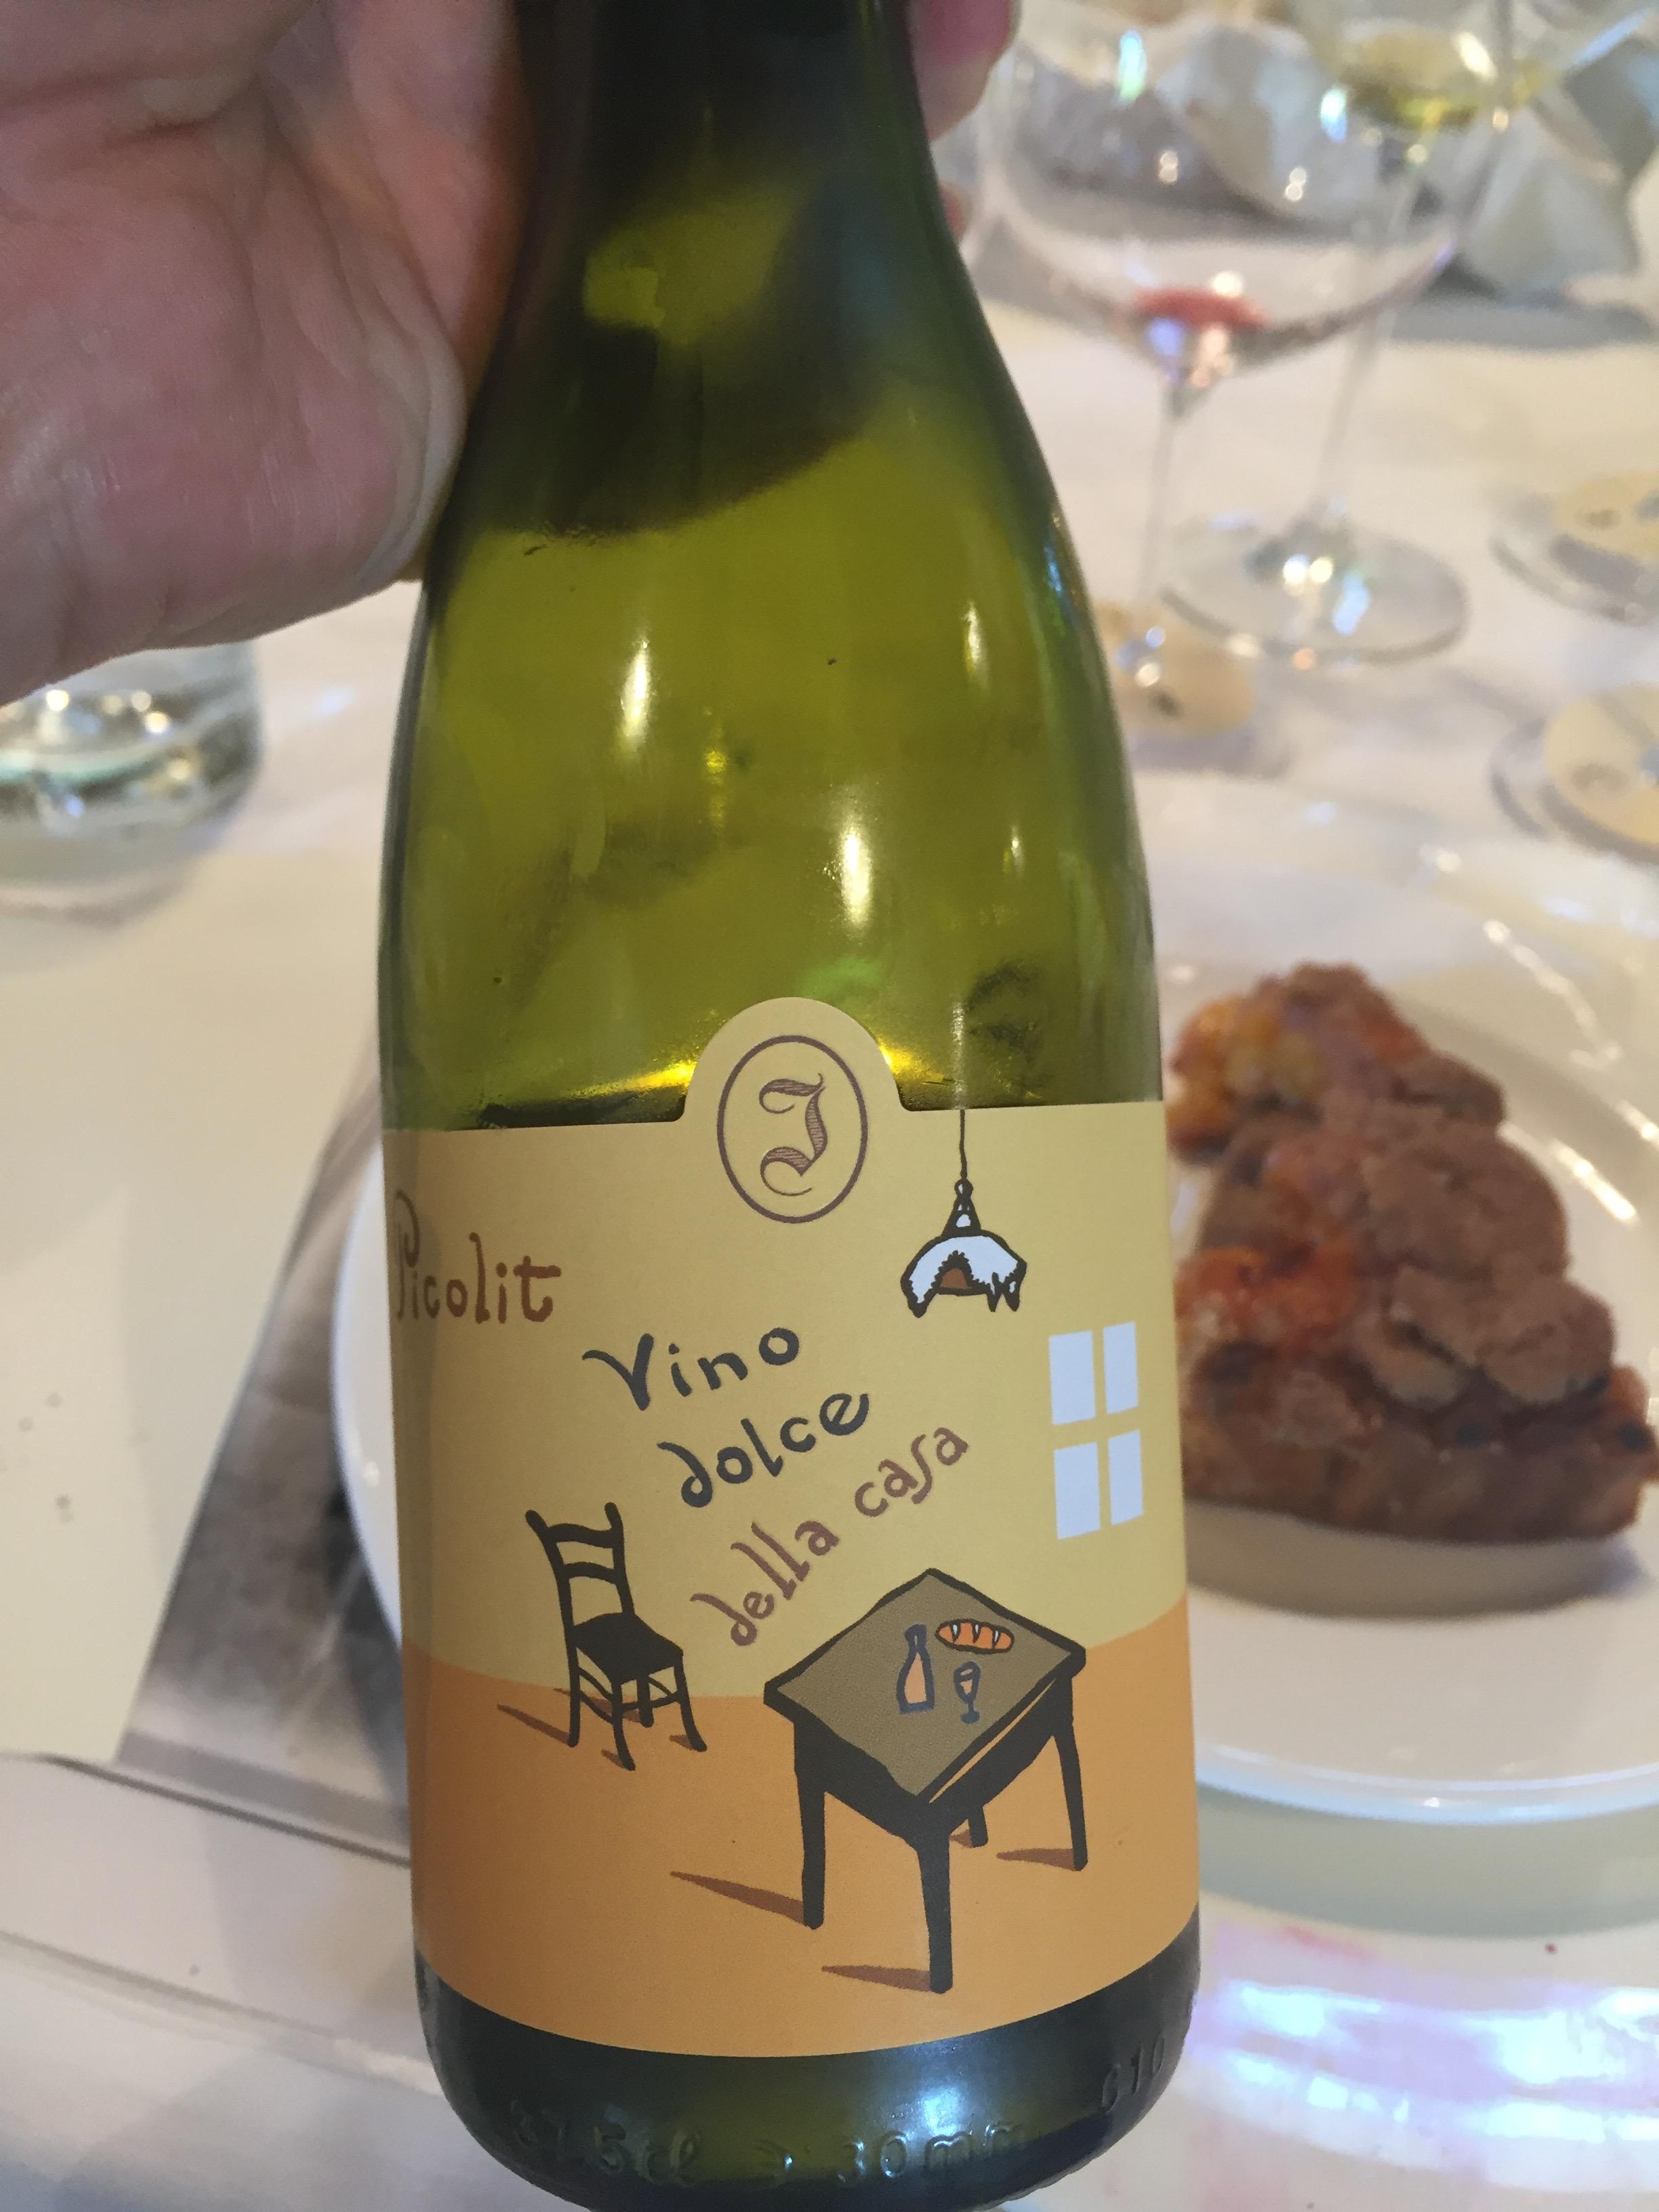 意大利名庄之旅-弗留利名爵酒庄第7张-葡萄酒文化传播网